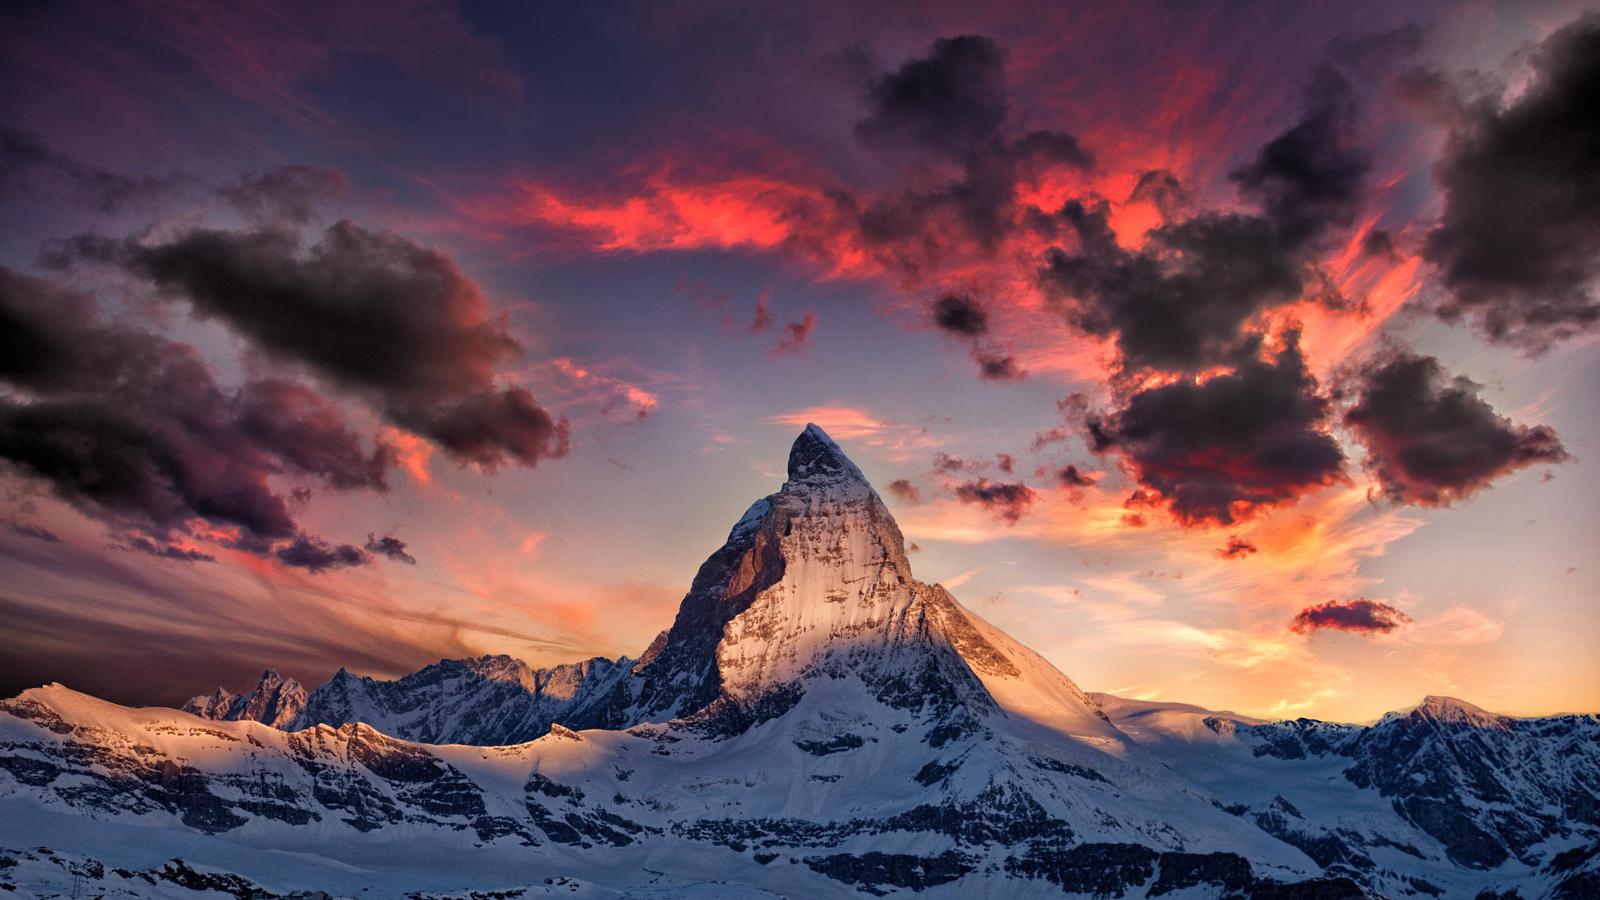 Самое интересное : Панорамный режим и домашние животные